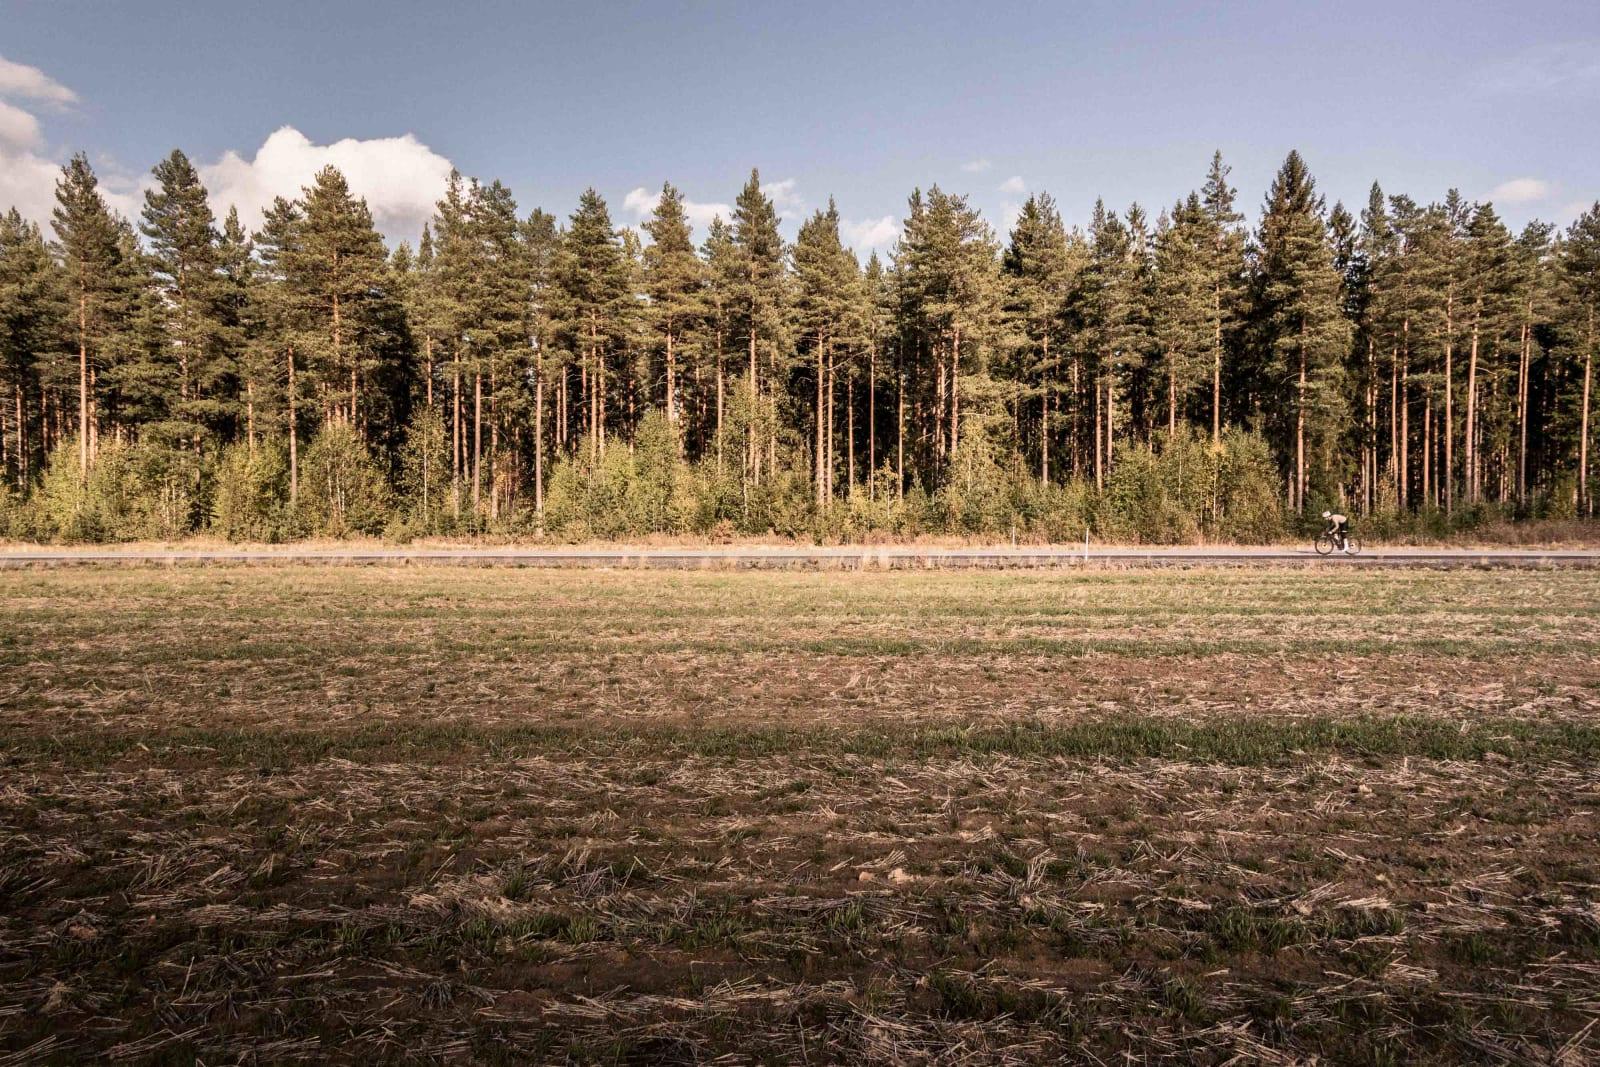 ENDELØS: Skogen ved Haslemostrekka er like endeløs som veien, trærne vokser tett i tett hele veien til Vladivostok. Peter job- ber hardt for å få strekka overstått.